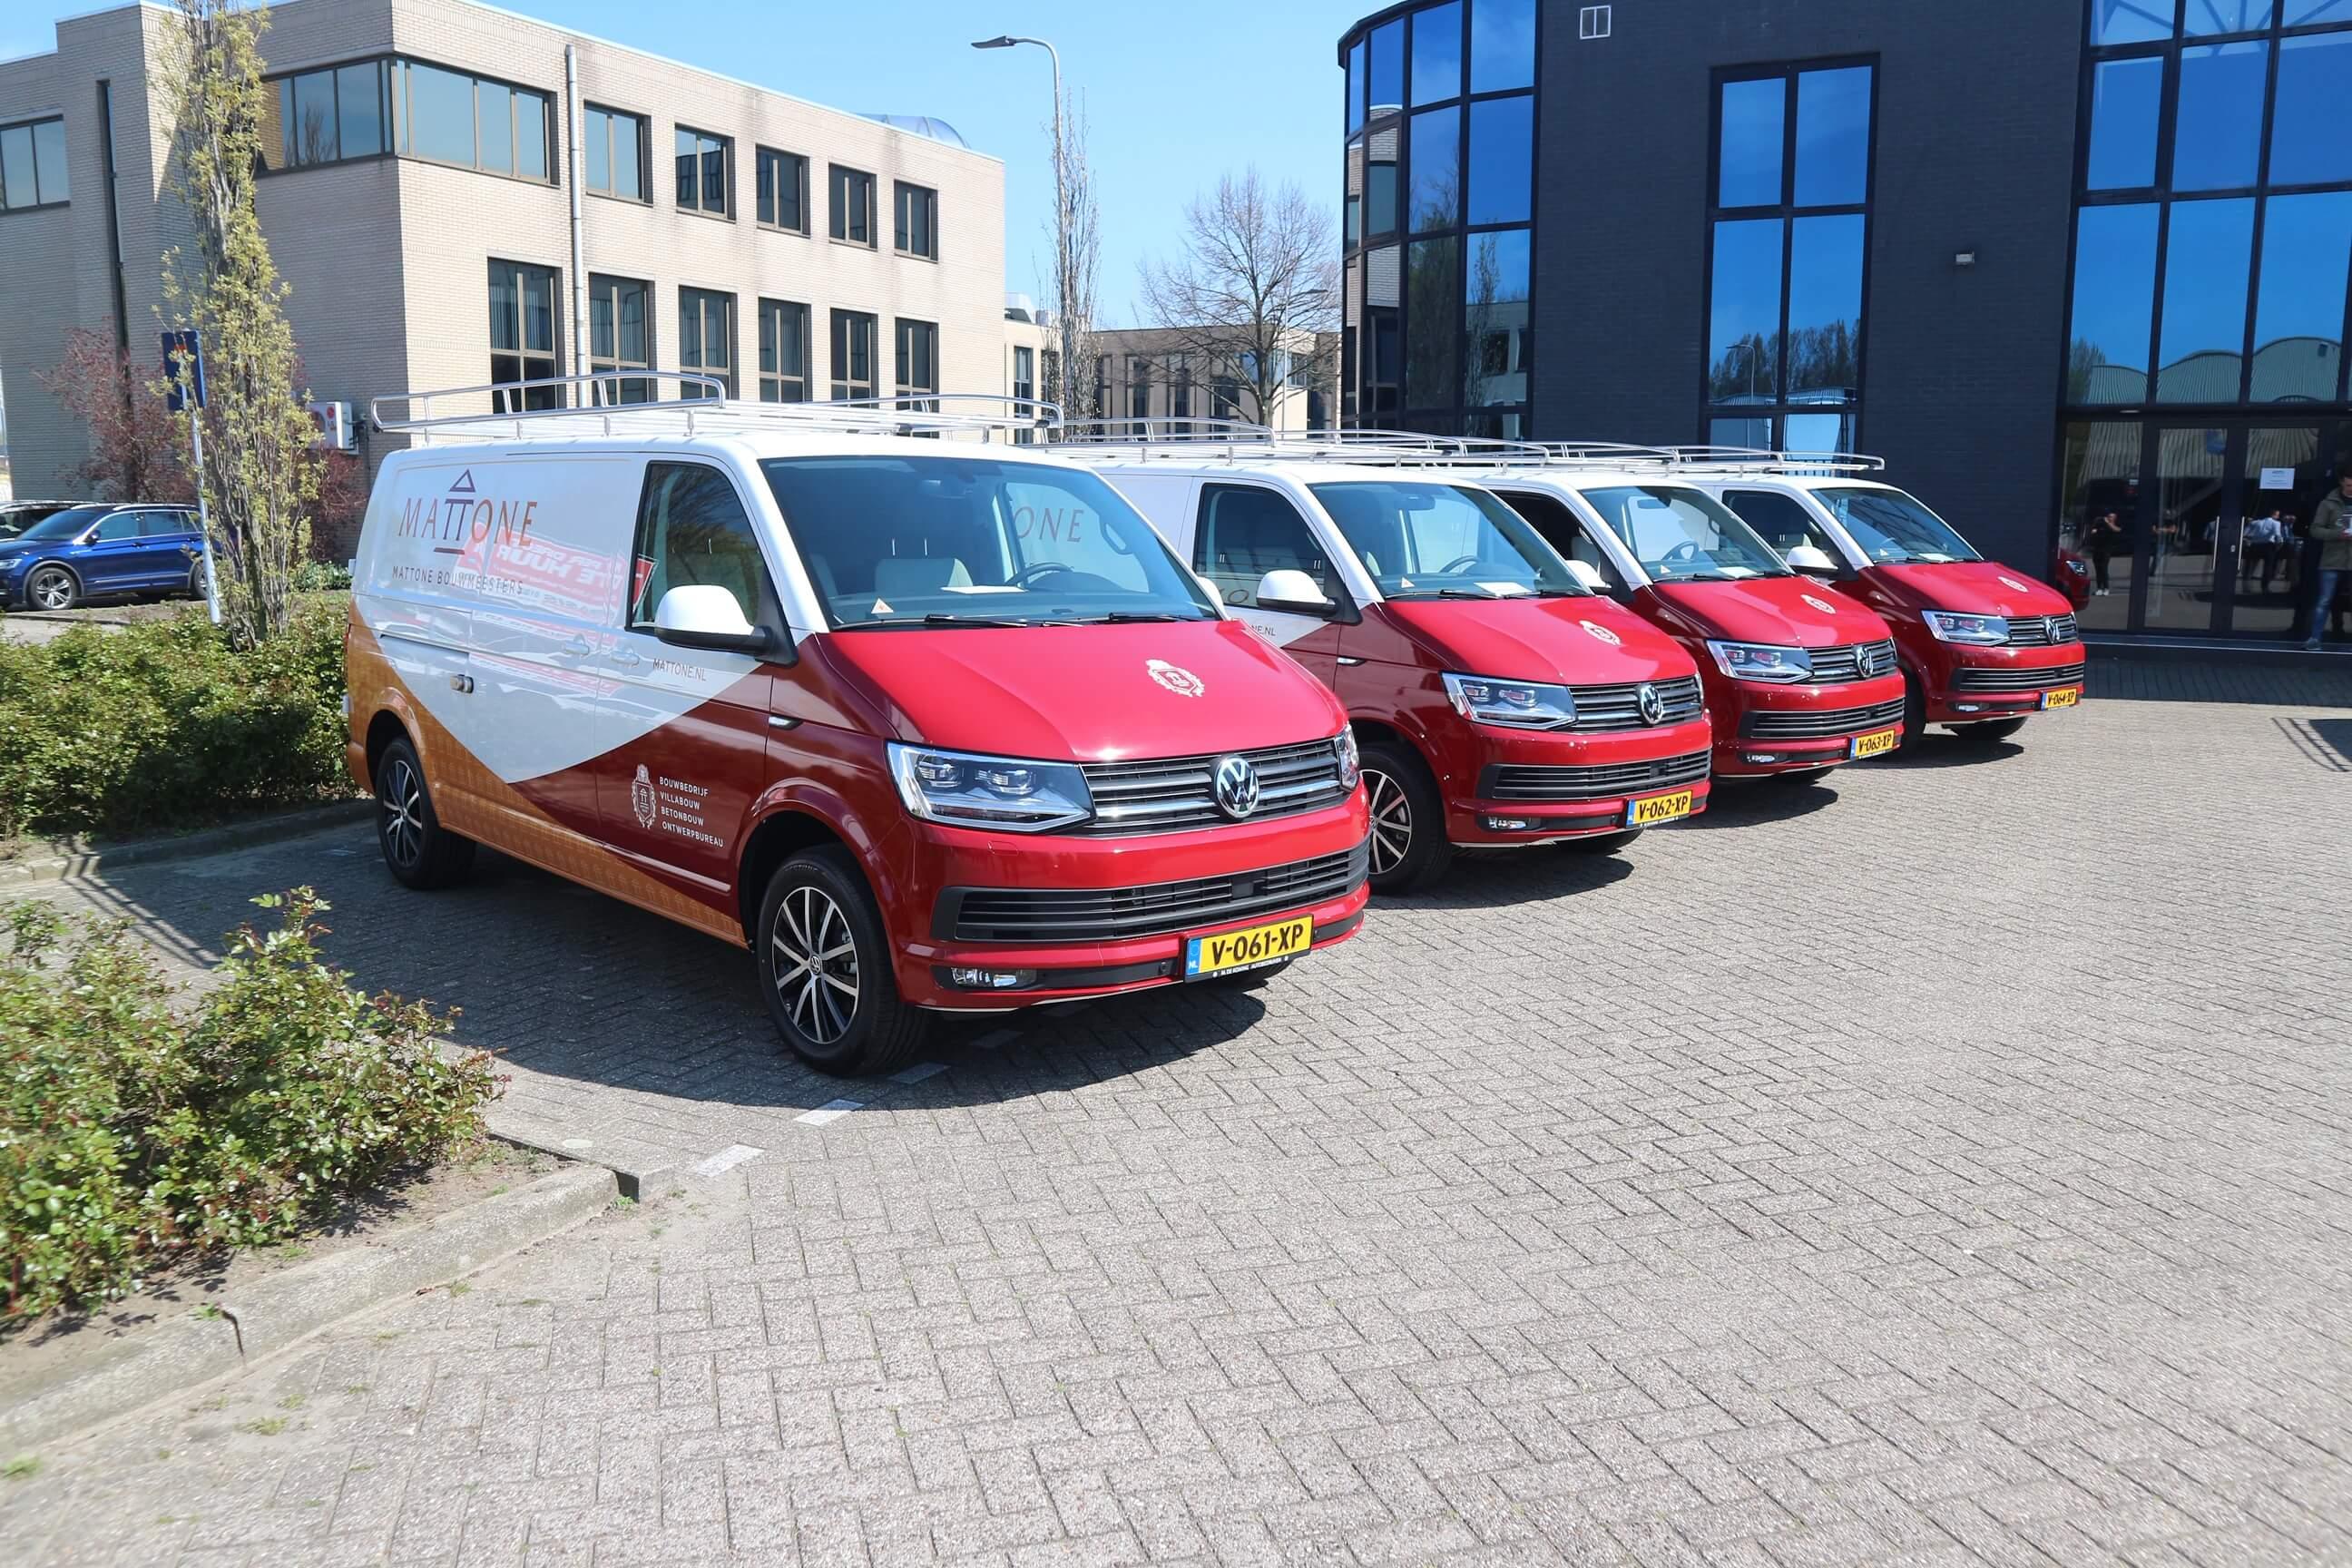 Autobestickering Mattone Volkswagen